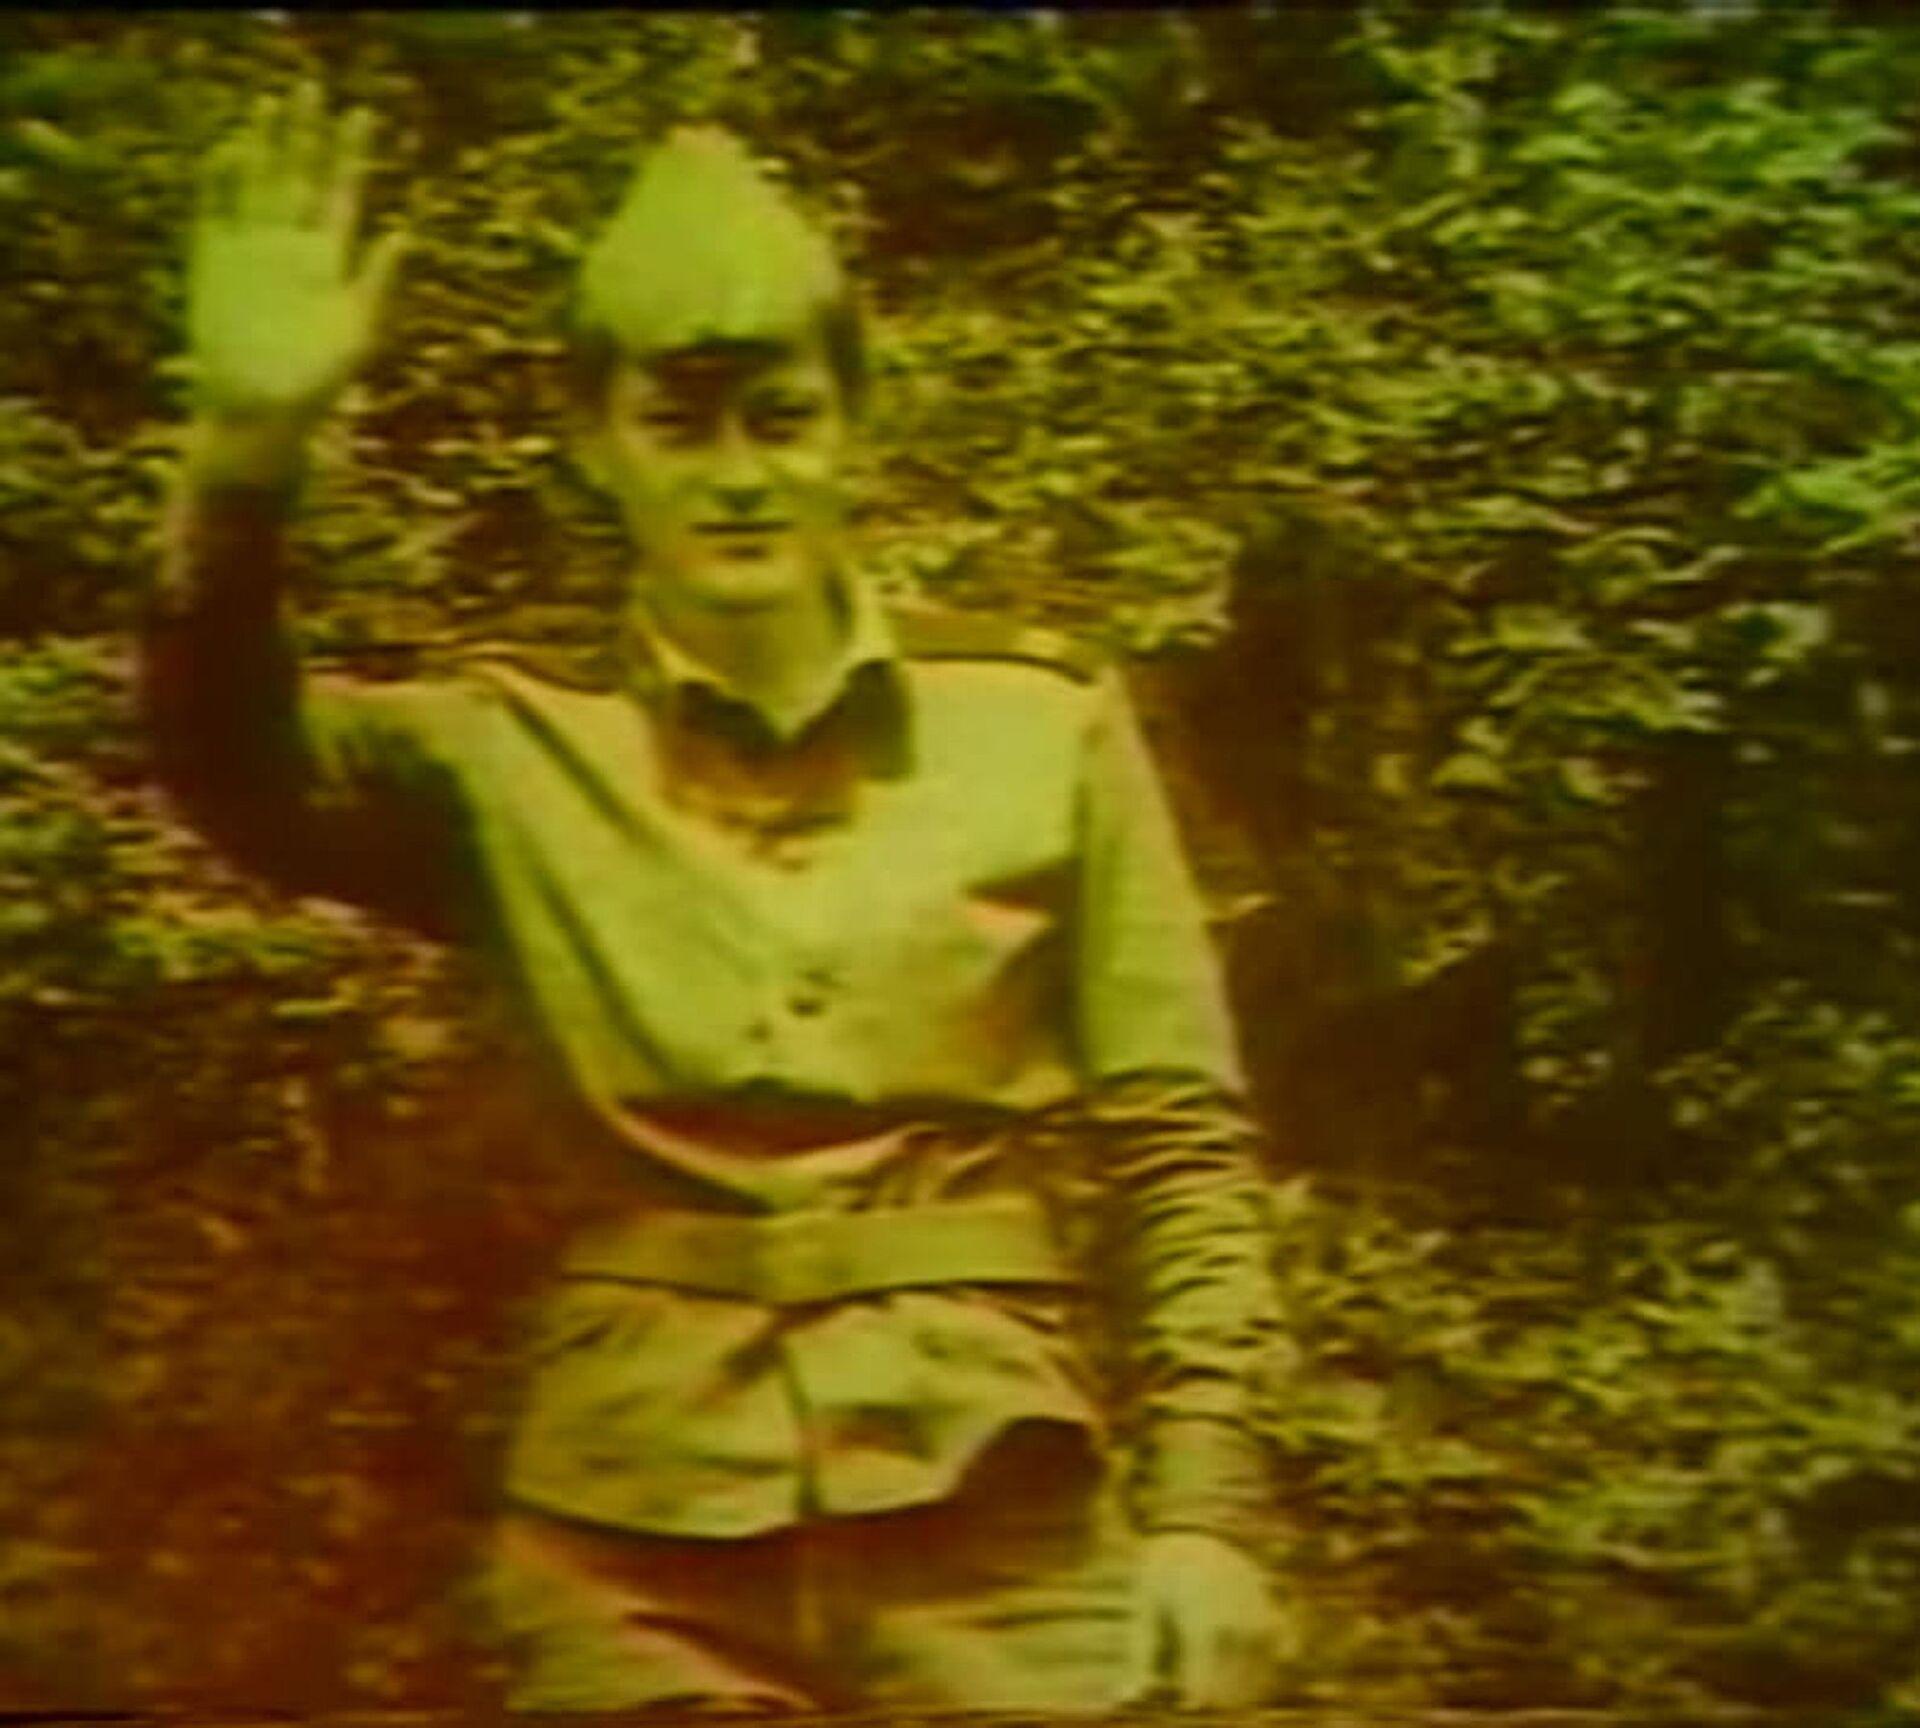 Згәы заԥысуаз: Абзагә Гәыргәлиа игәалашәаразы - Sputnik Аҧсны, 1920, 19.04.2021